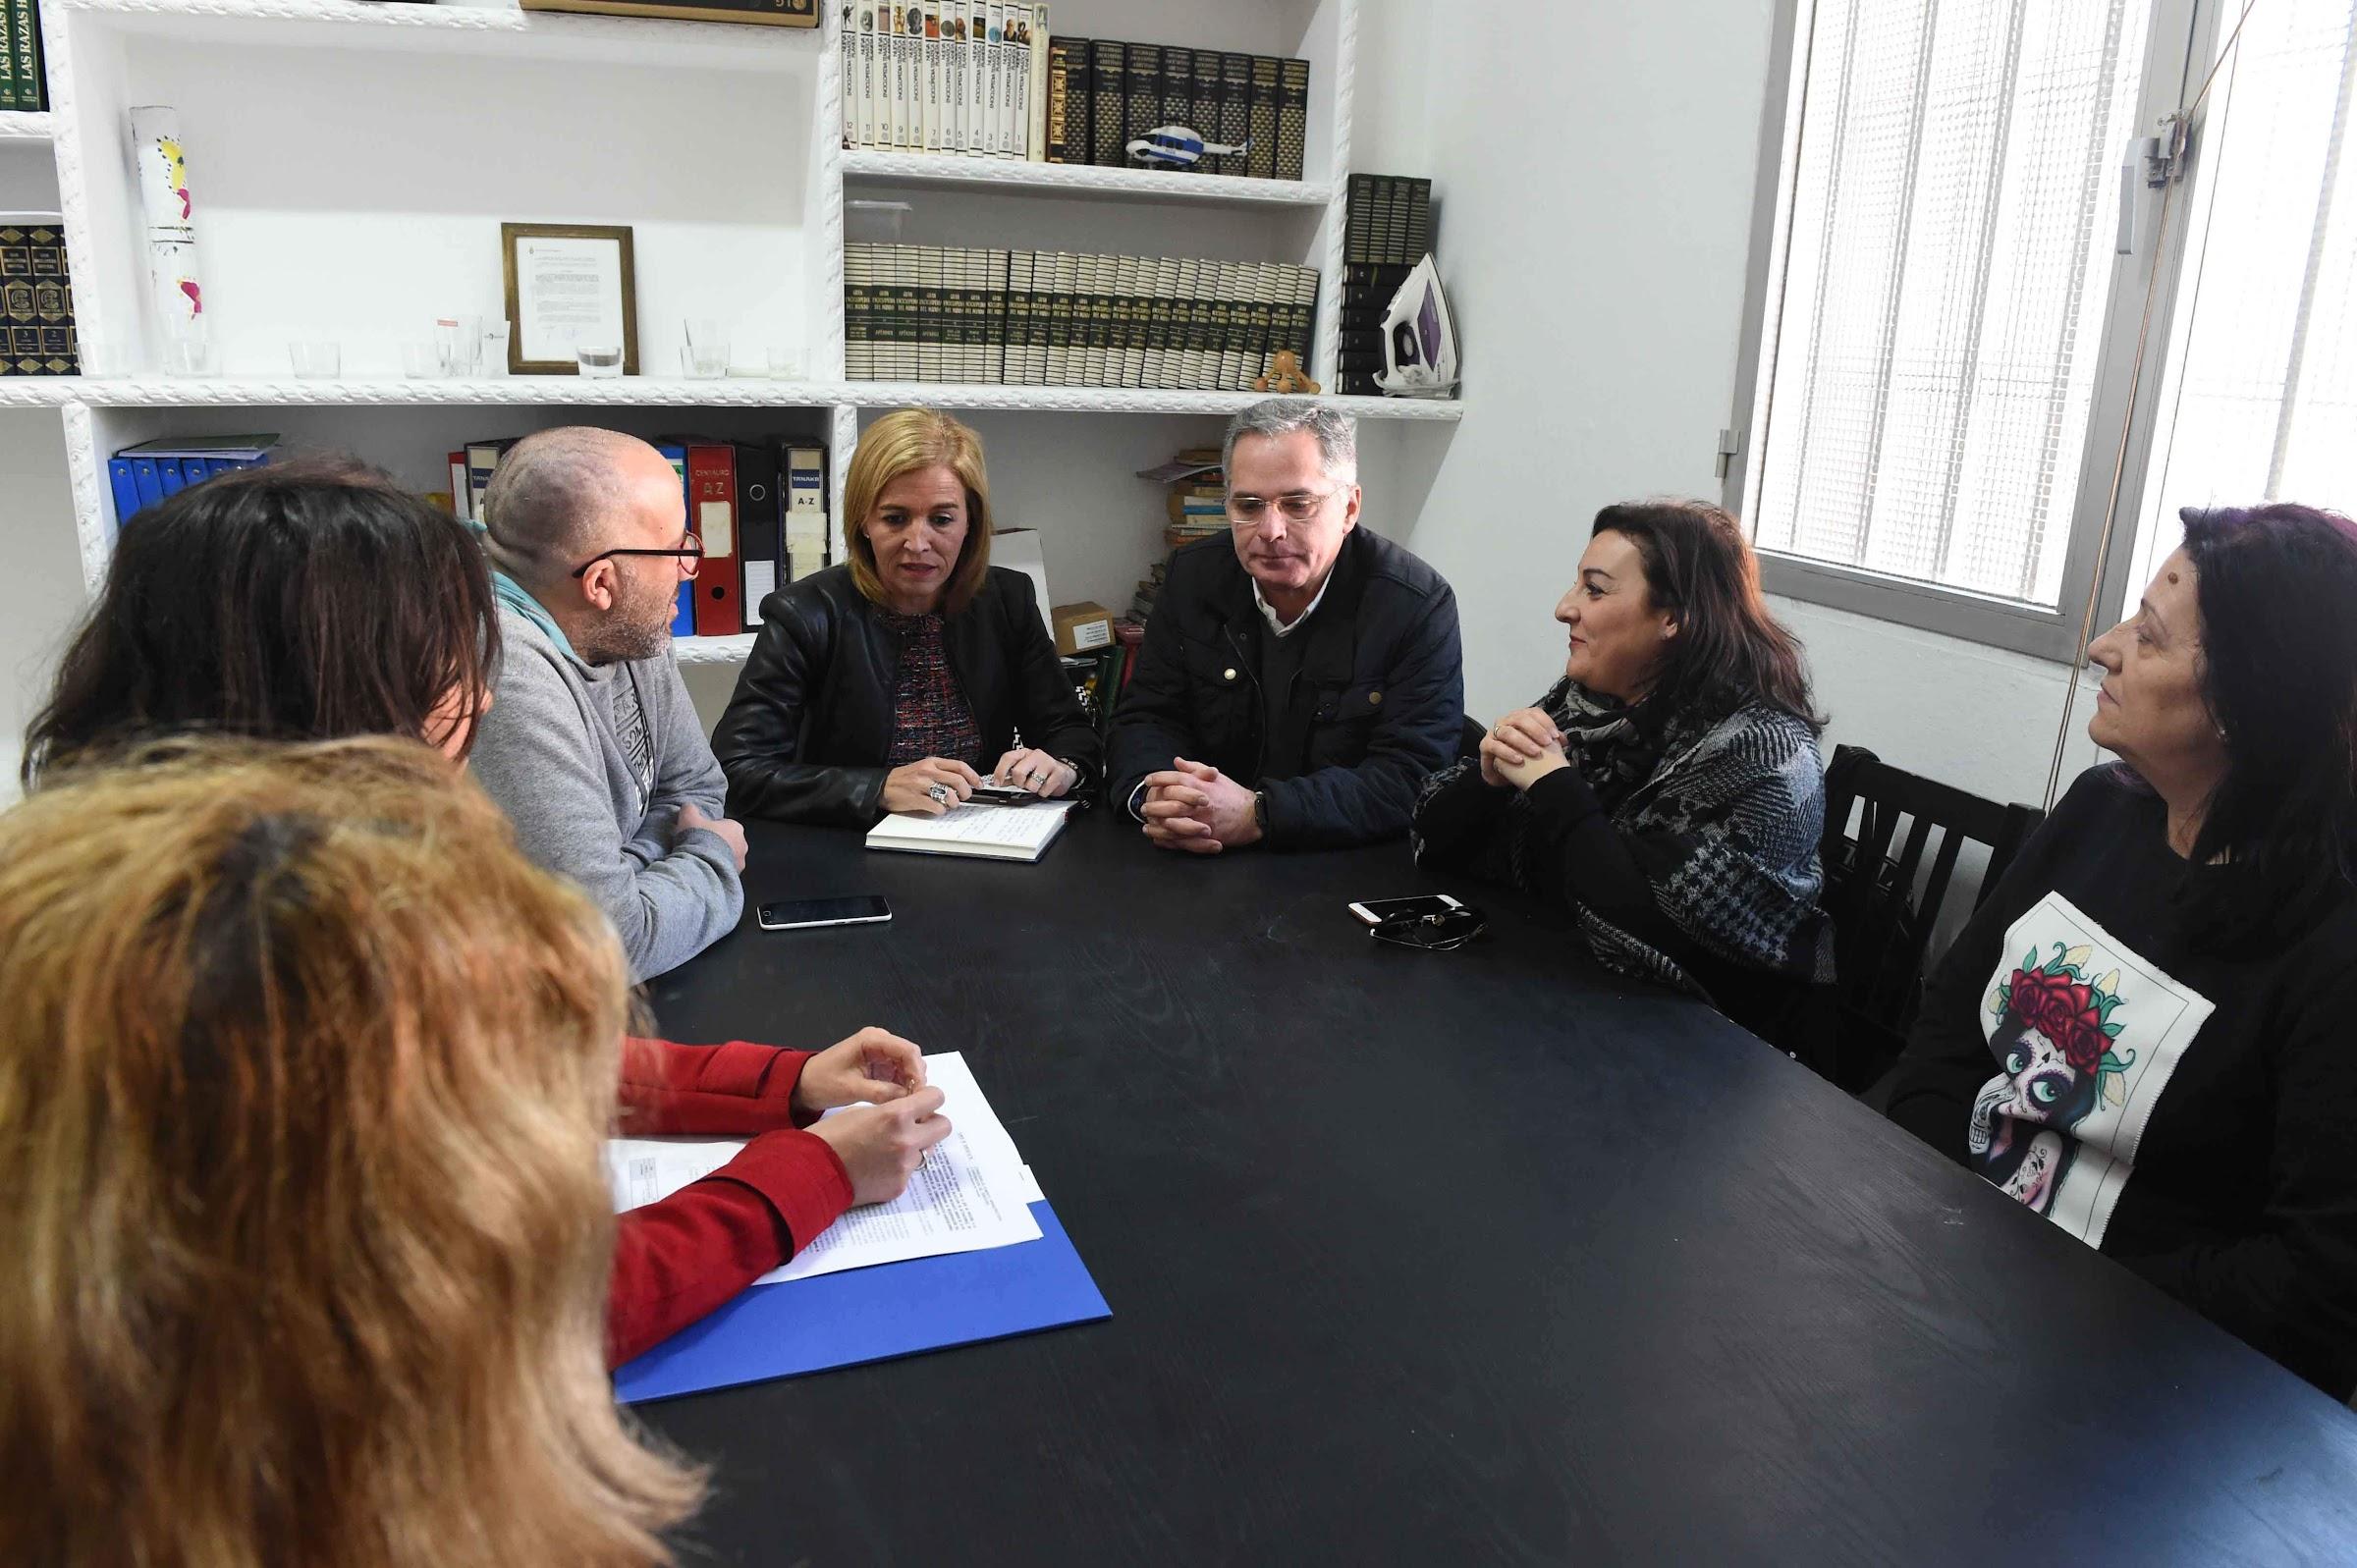 Se informa a los vecinos de San José Artesano sobre el proyecto de rehabilitación de la zona